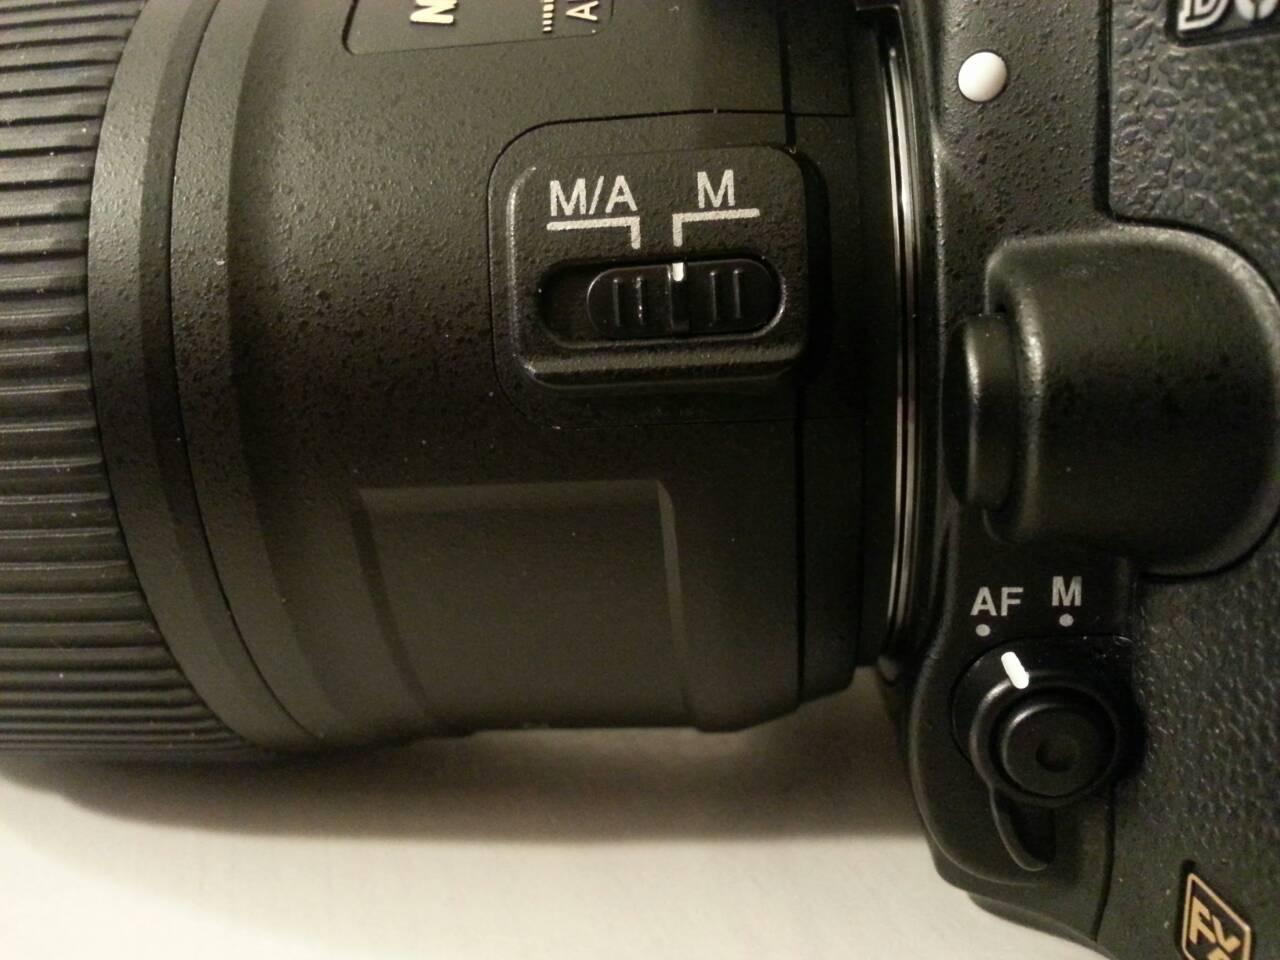 レンズのマニュアル設定